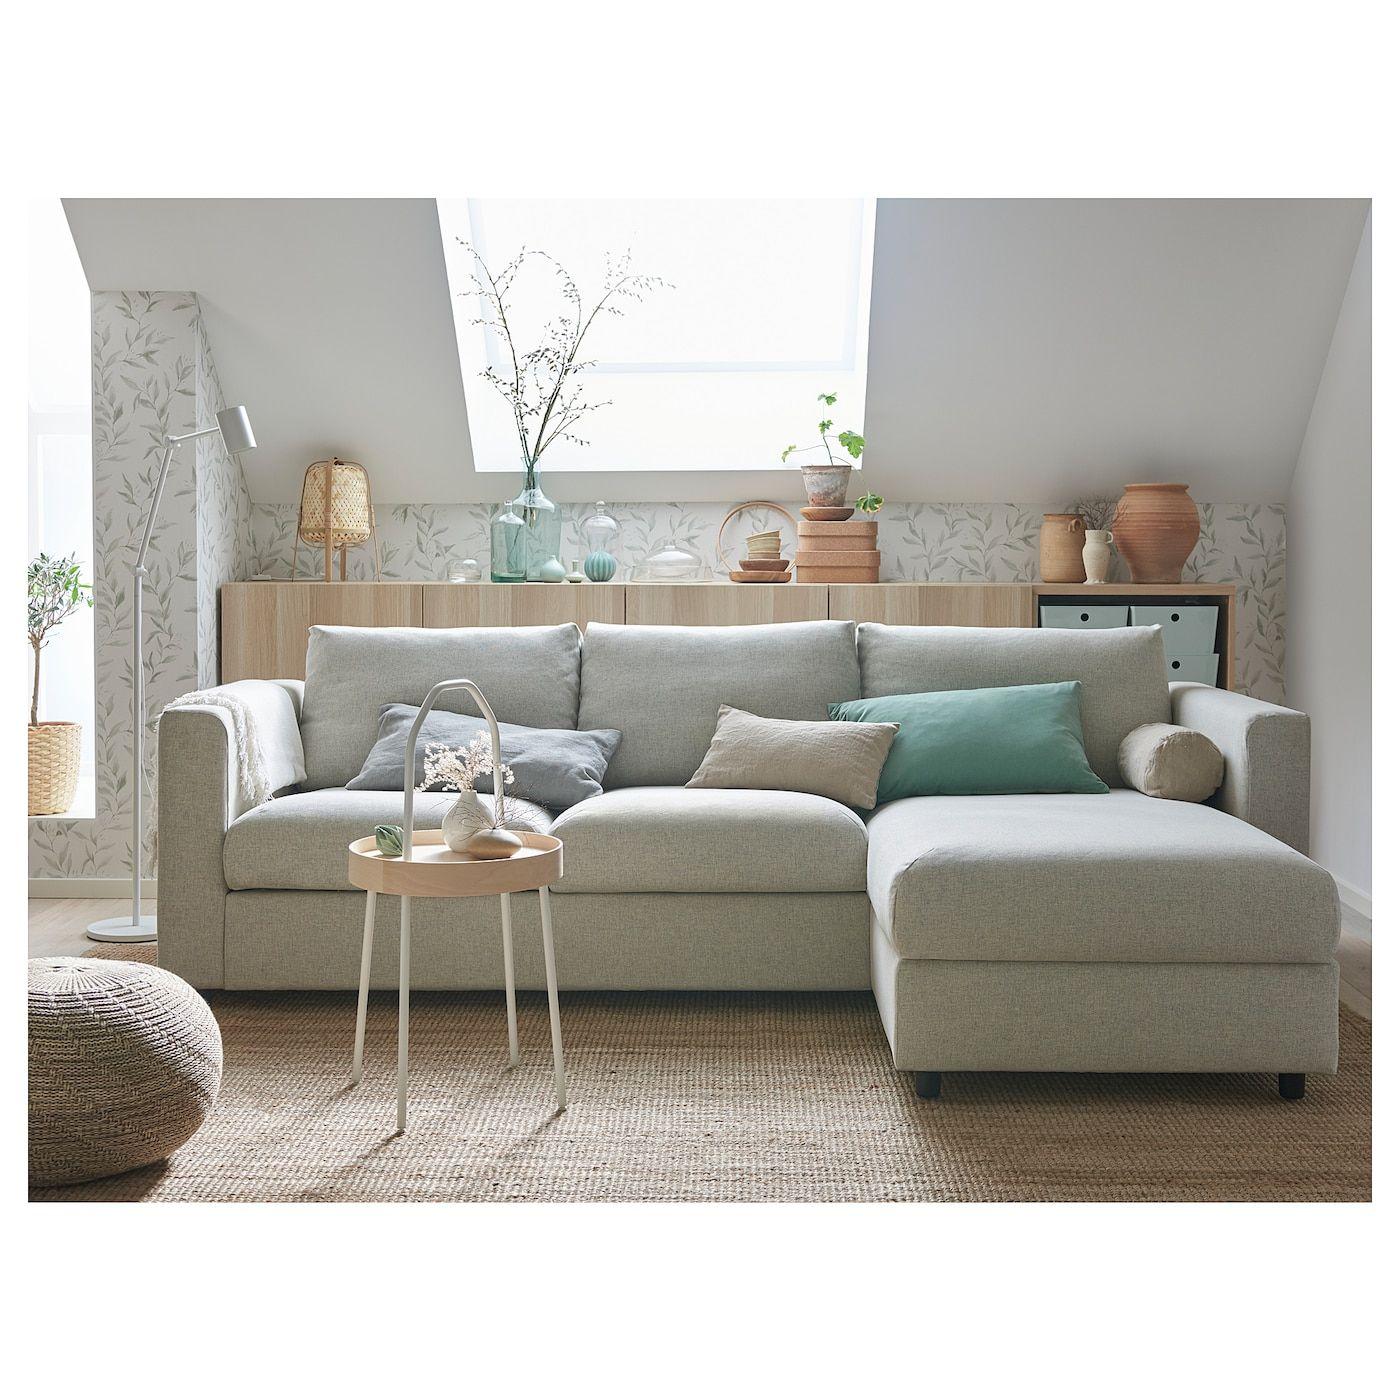 Vimle 3er Bettsofa Mit Recamiere Gunnared Beige Ikea Deutschland In 2020 Bettsofa Recamiere Sofa